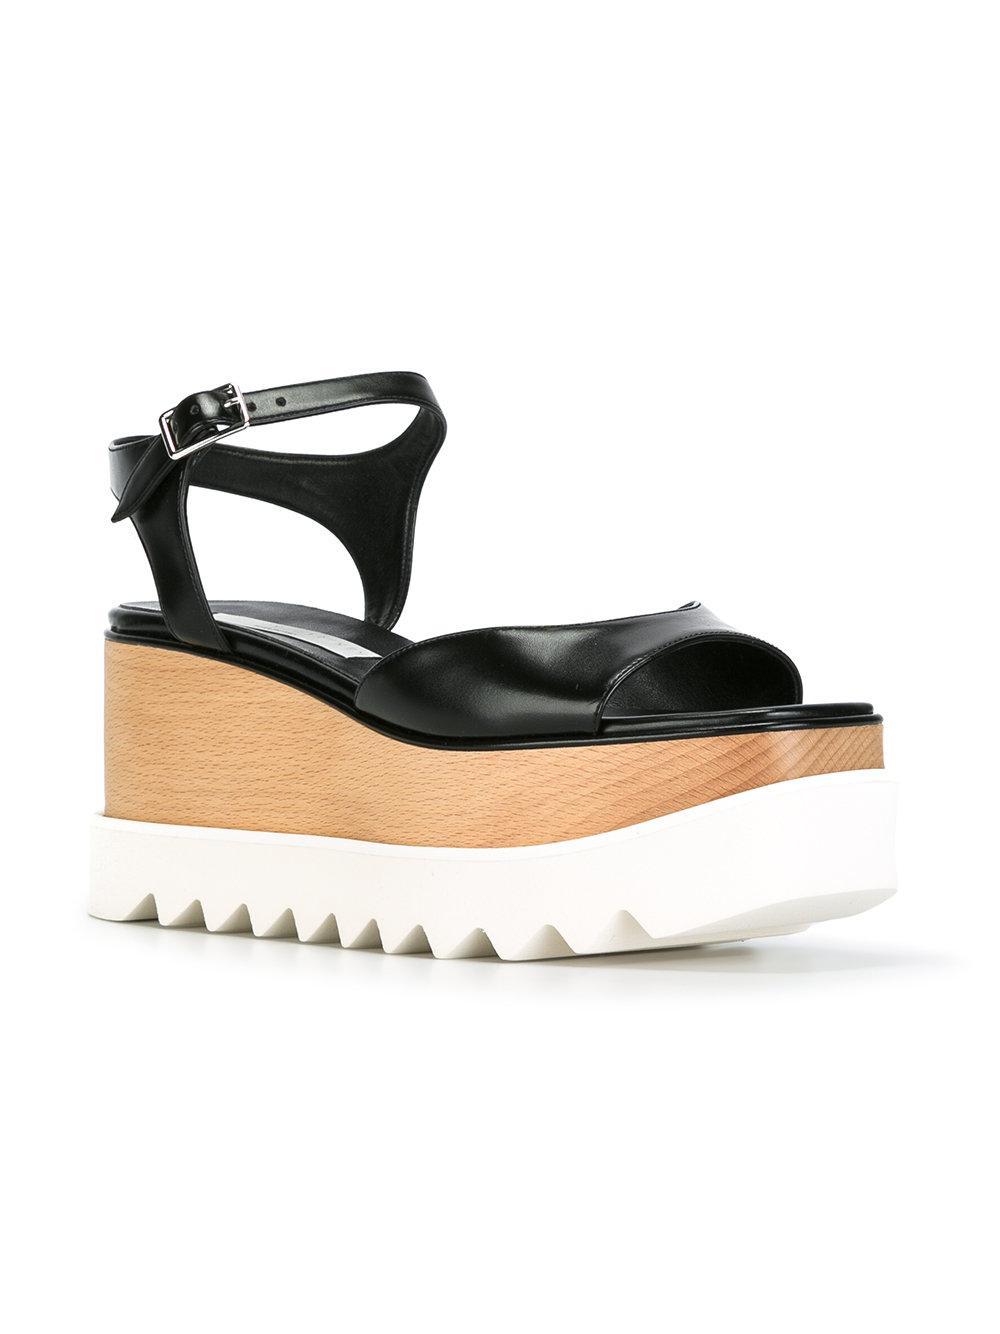 d7a2f4f4197b Lyst - Stella Mccartney Elyse Sandals in Black - Save 50.050251256281406%